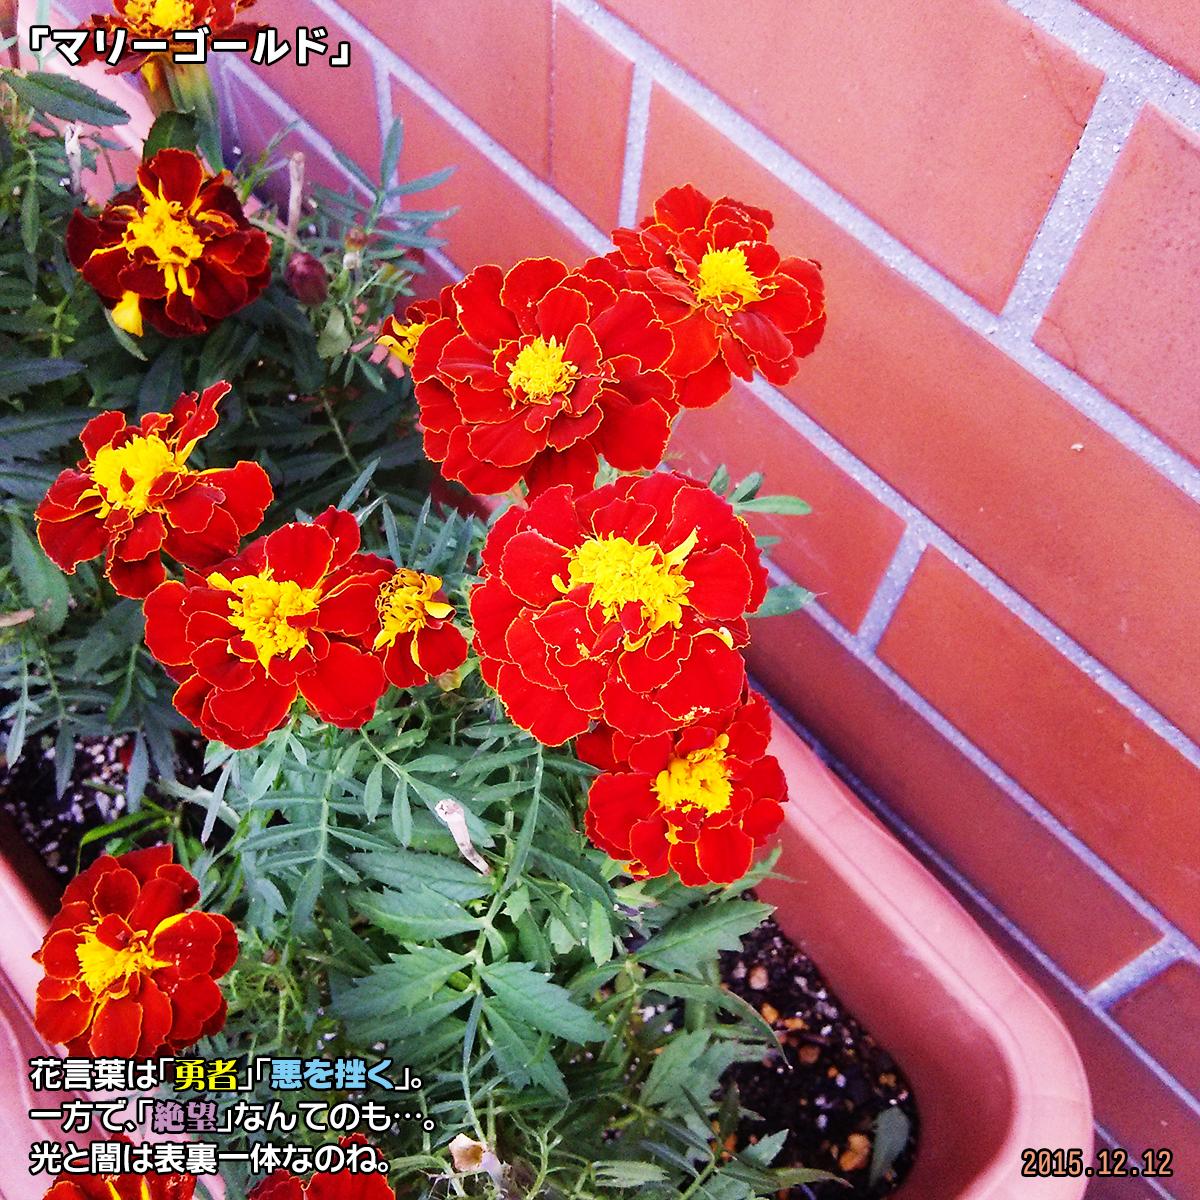 DSC_1661_20180324202000b91.jpg